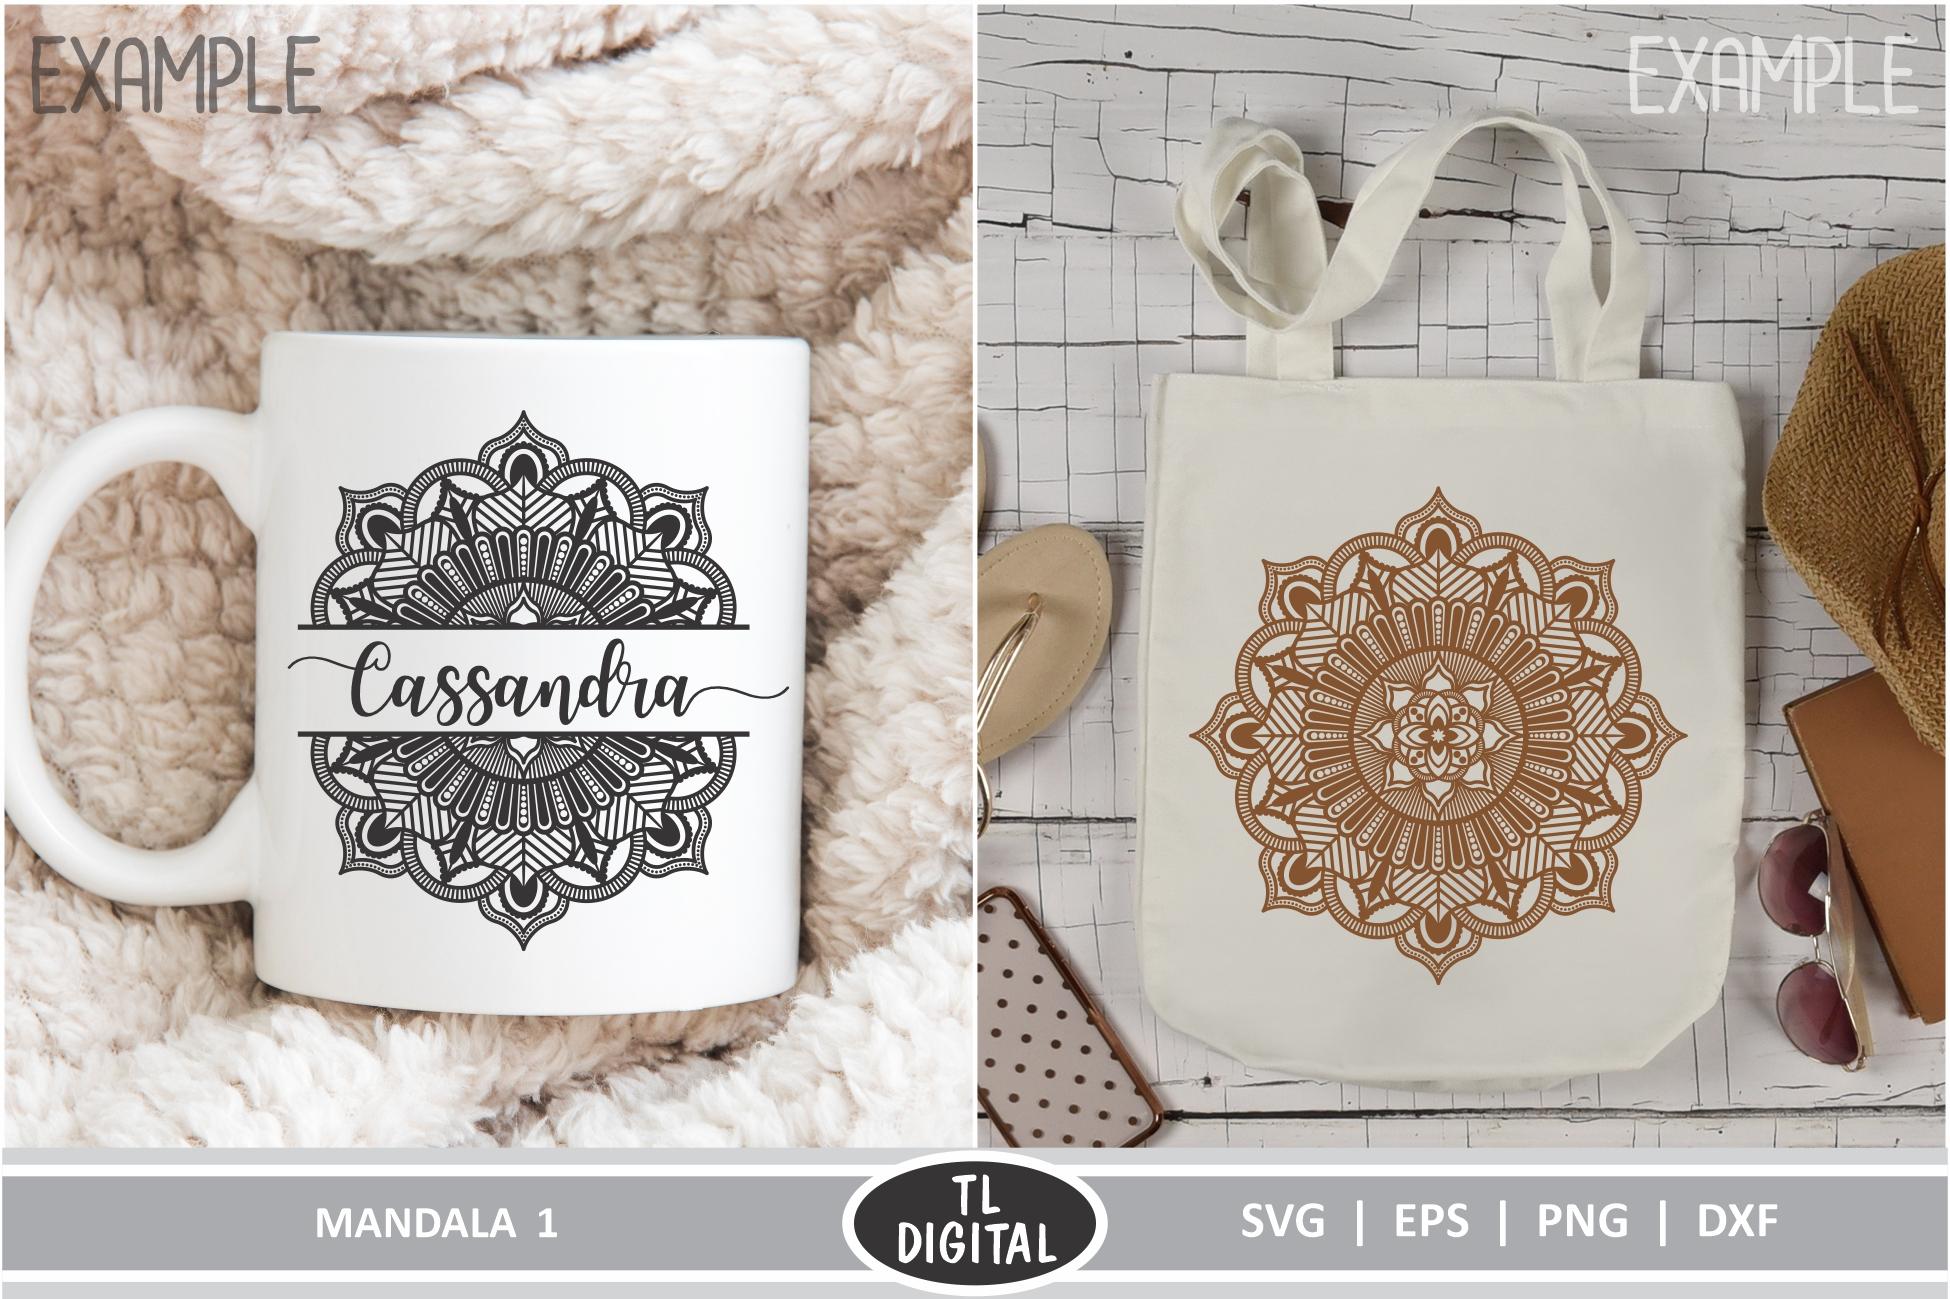 Mandala 1 - Boho Graphic - SVG | EPS | PNG | DXF example image 2